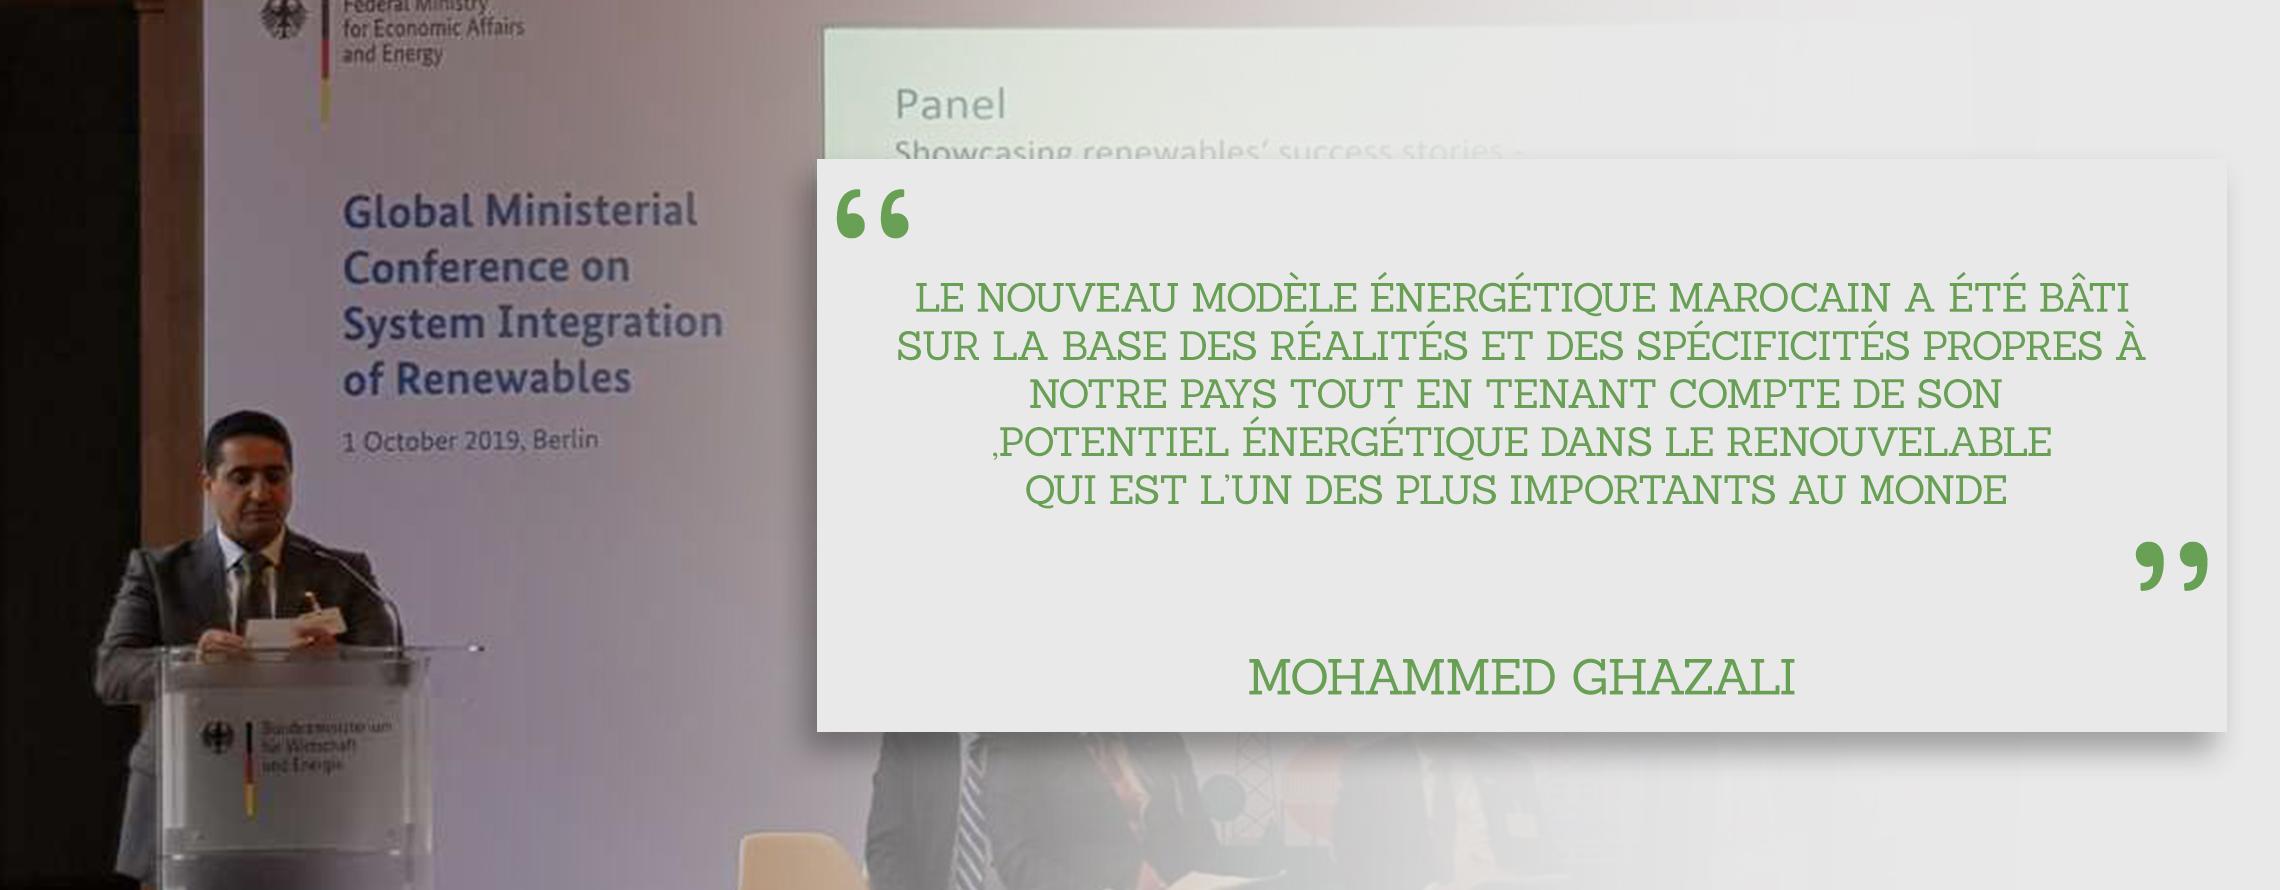 Conférence ministérielle mondiale portant sur les énergies renouvelables